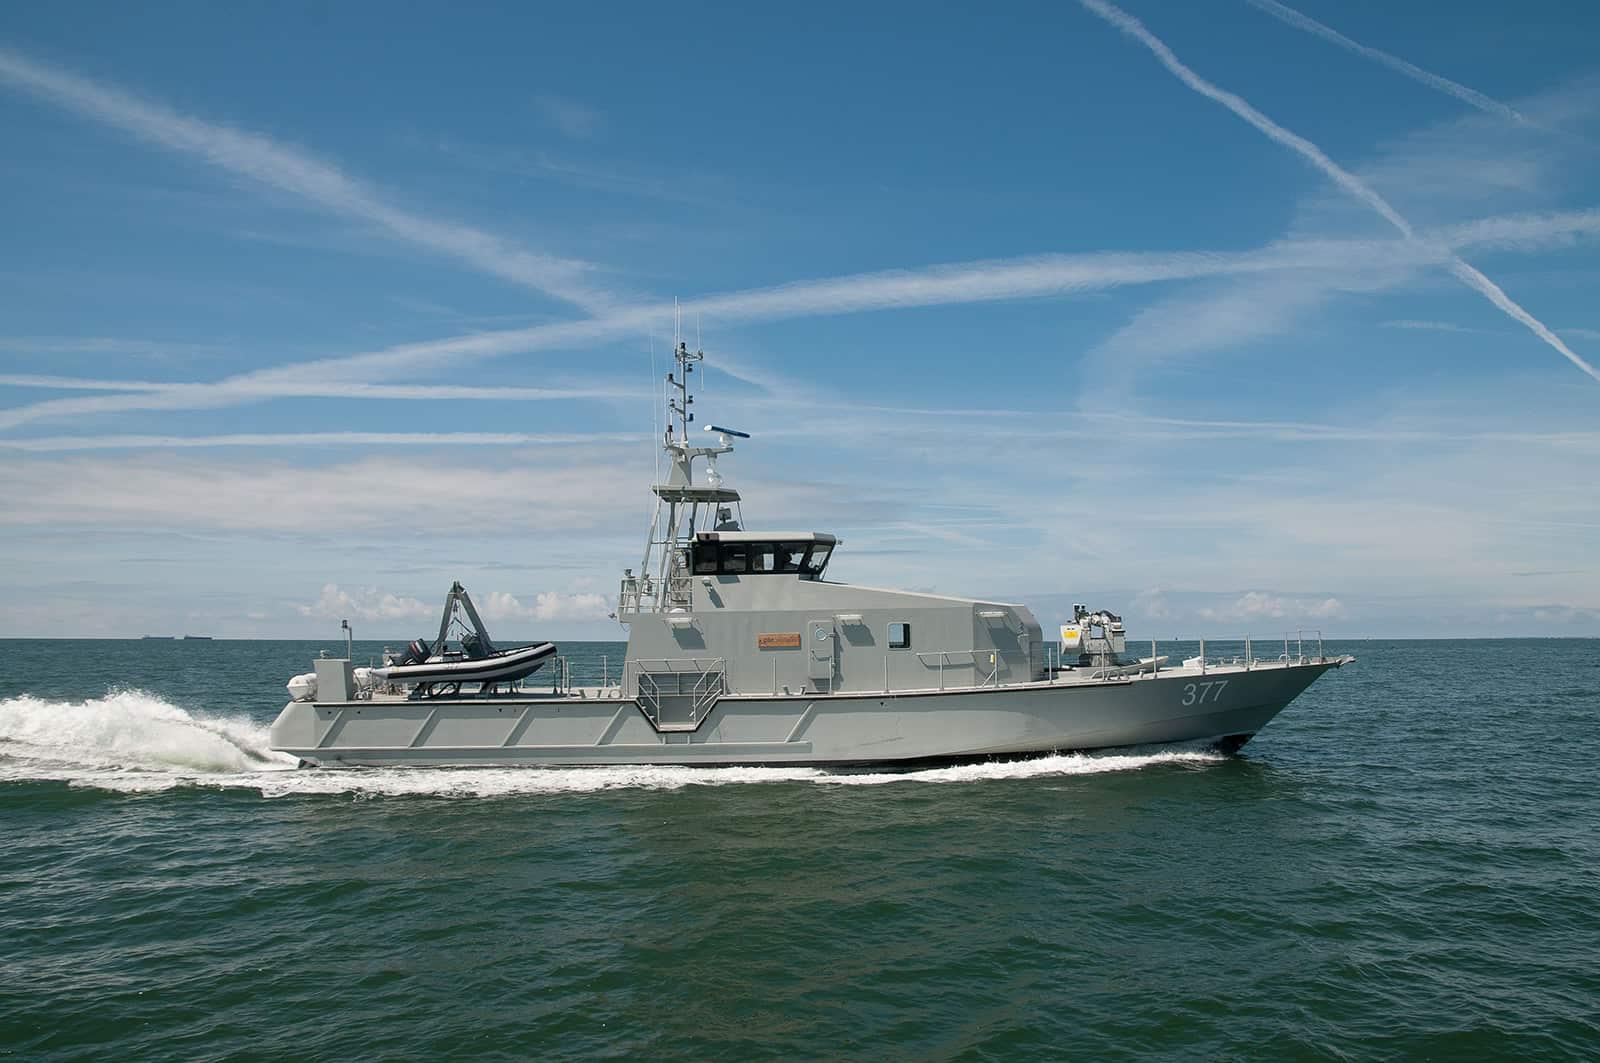 Морська охорона отримає 20 кораблів за 136,5 млн євро